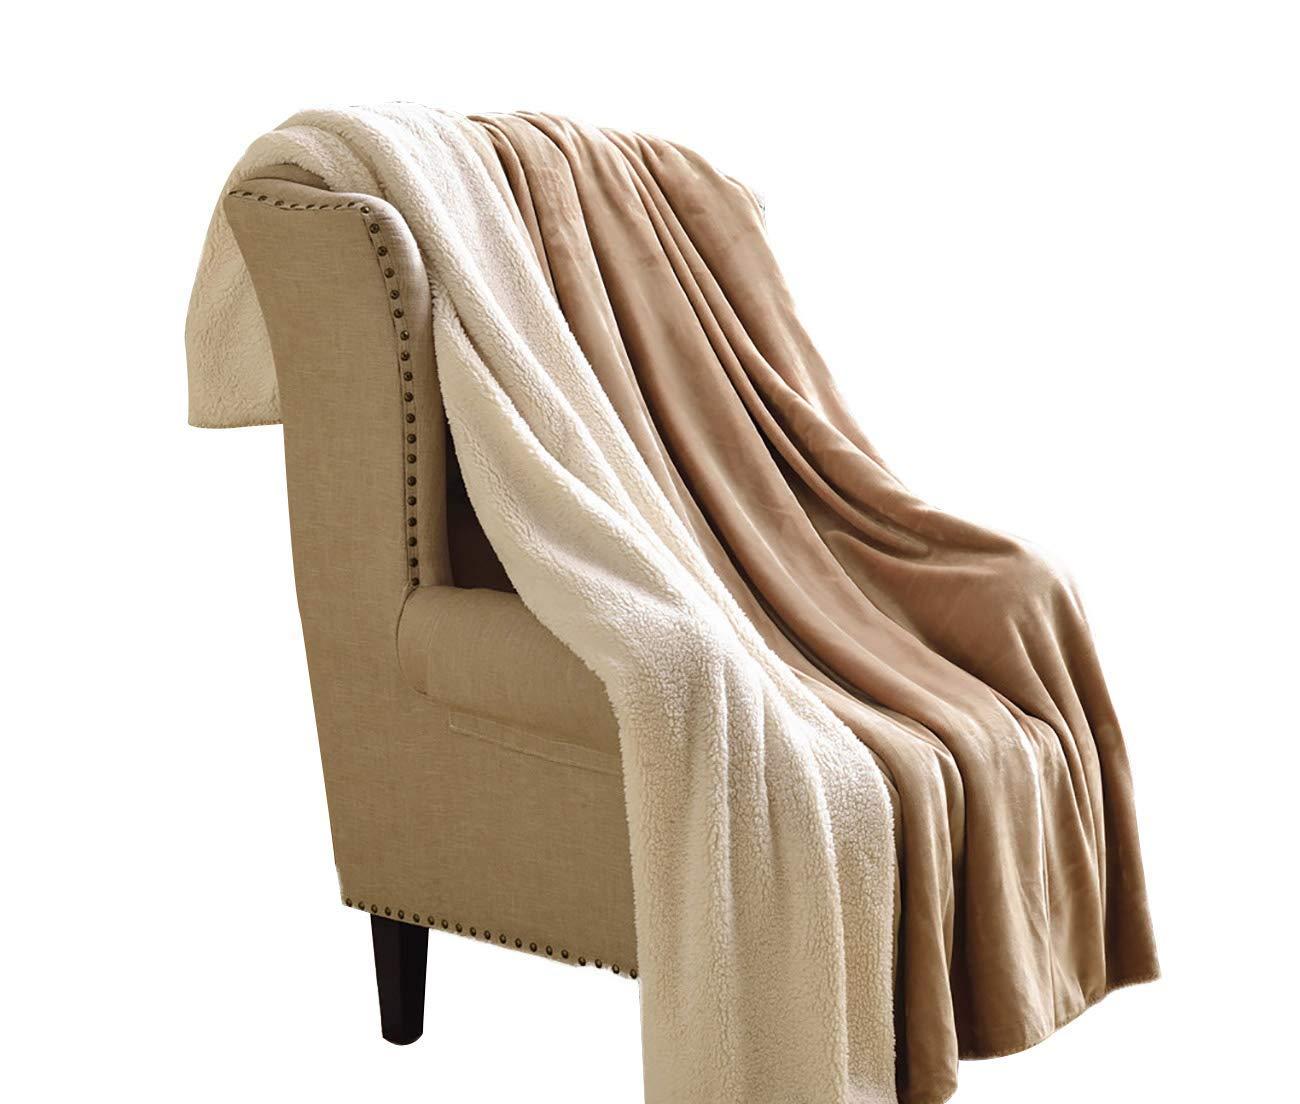 フェイクファー毛布フェイクファー、二重厚く暖かいウール毛布冬毛布コーラルブランケットキルトシングルダブル毛布(色:A、サイズ:200× 230 cm) B07QPM22NZ